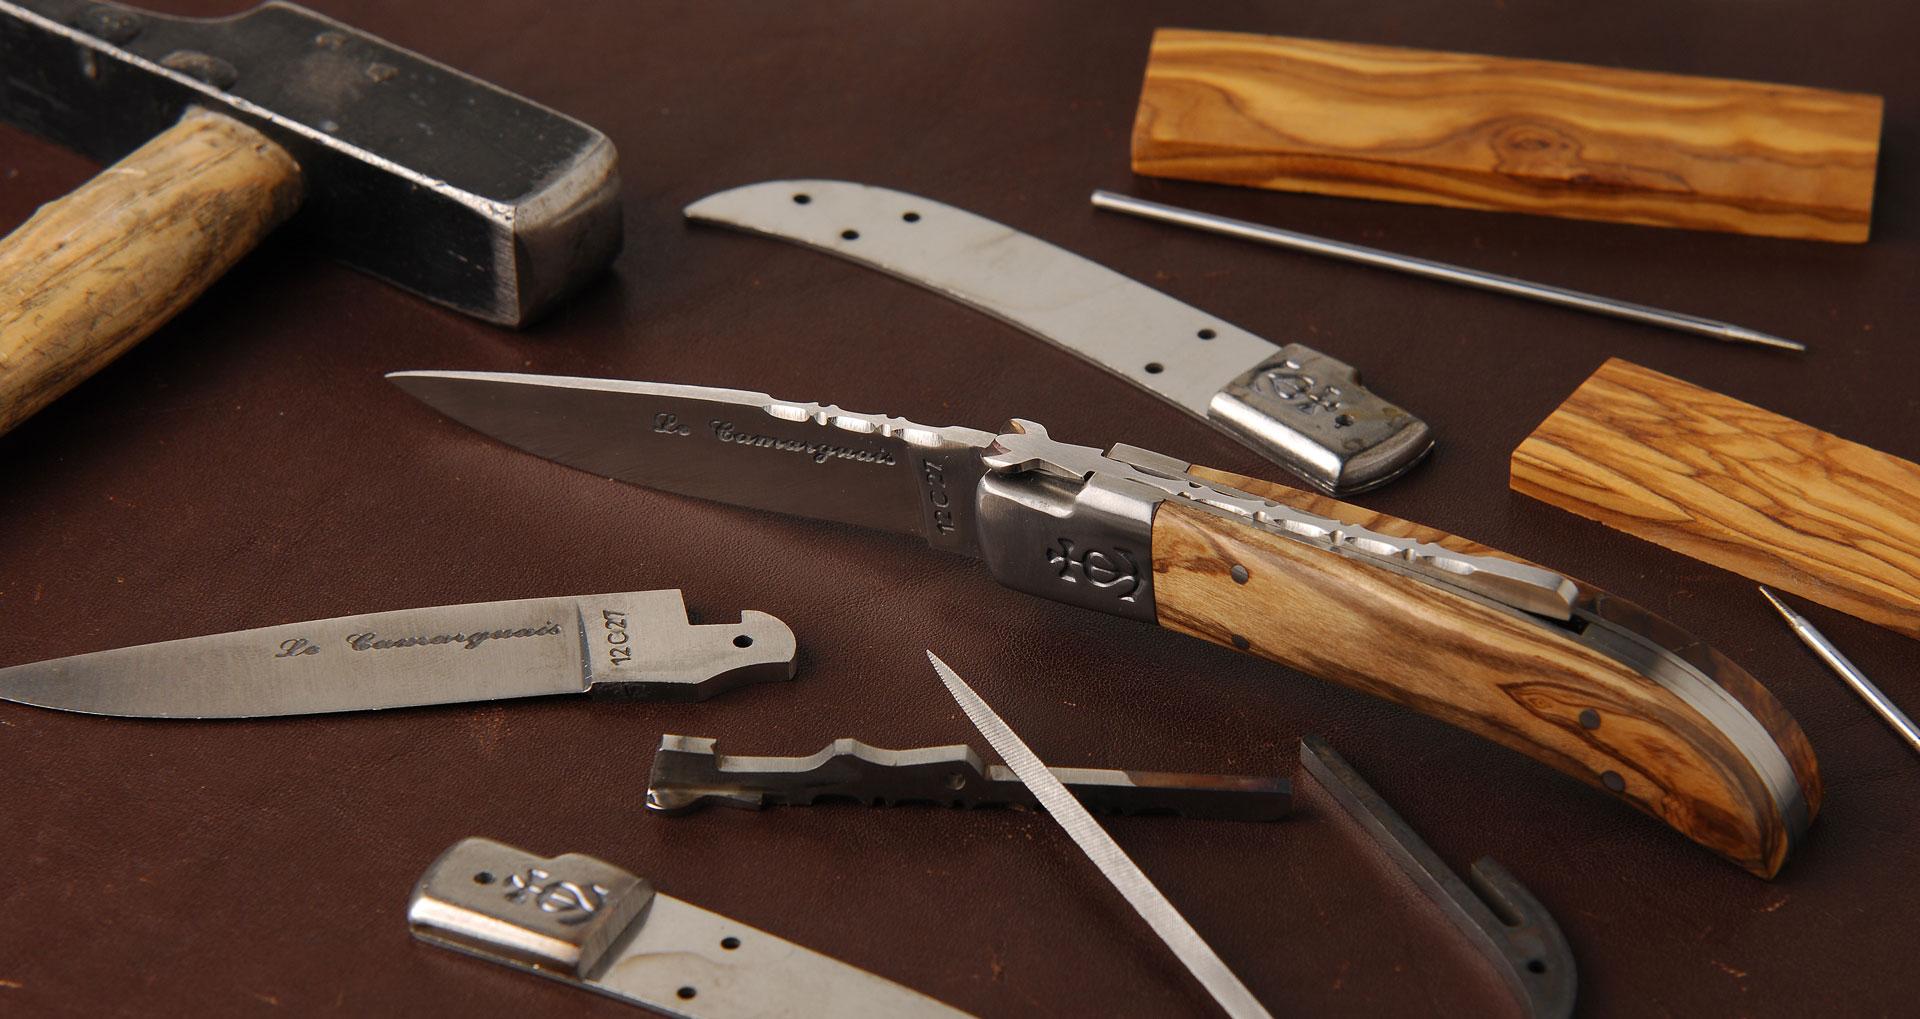 Coutellerie Le Camarguais couteau traditionnel français à Nîmes